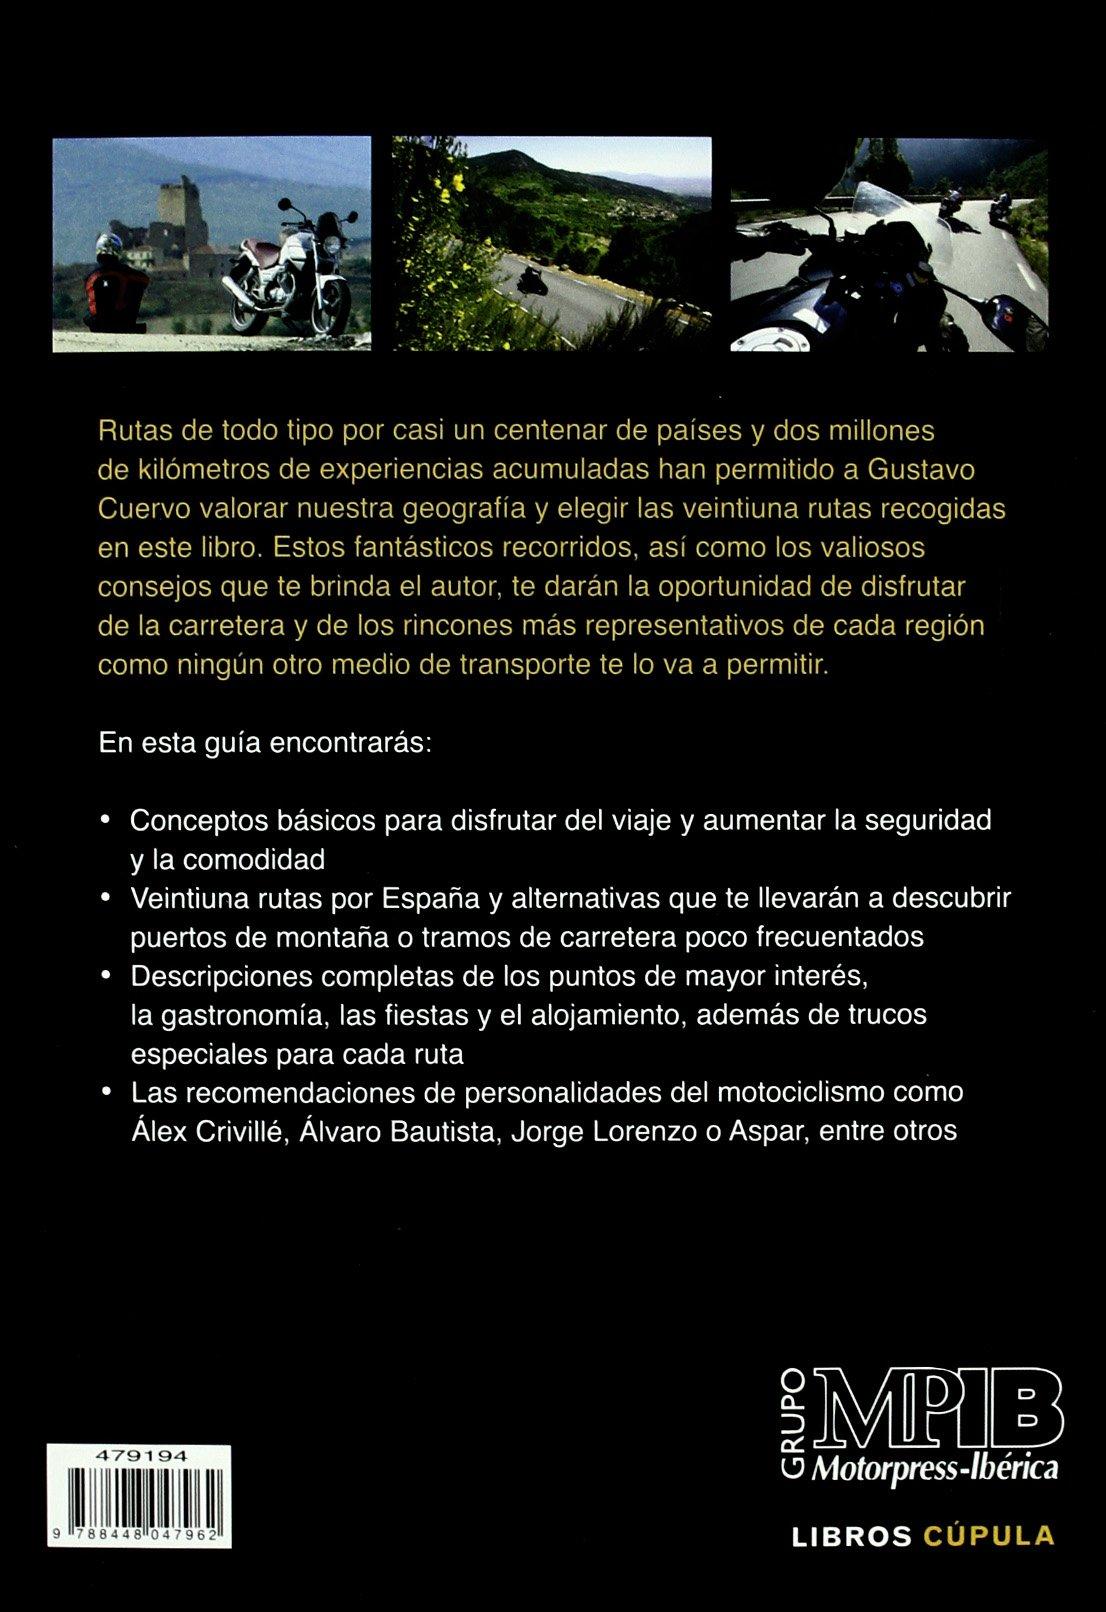 España en moto (Motor): Amazon.es: Cuervo, Gustavo: Libros